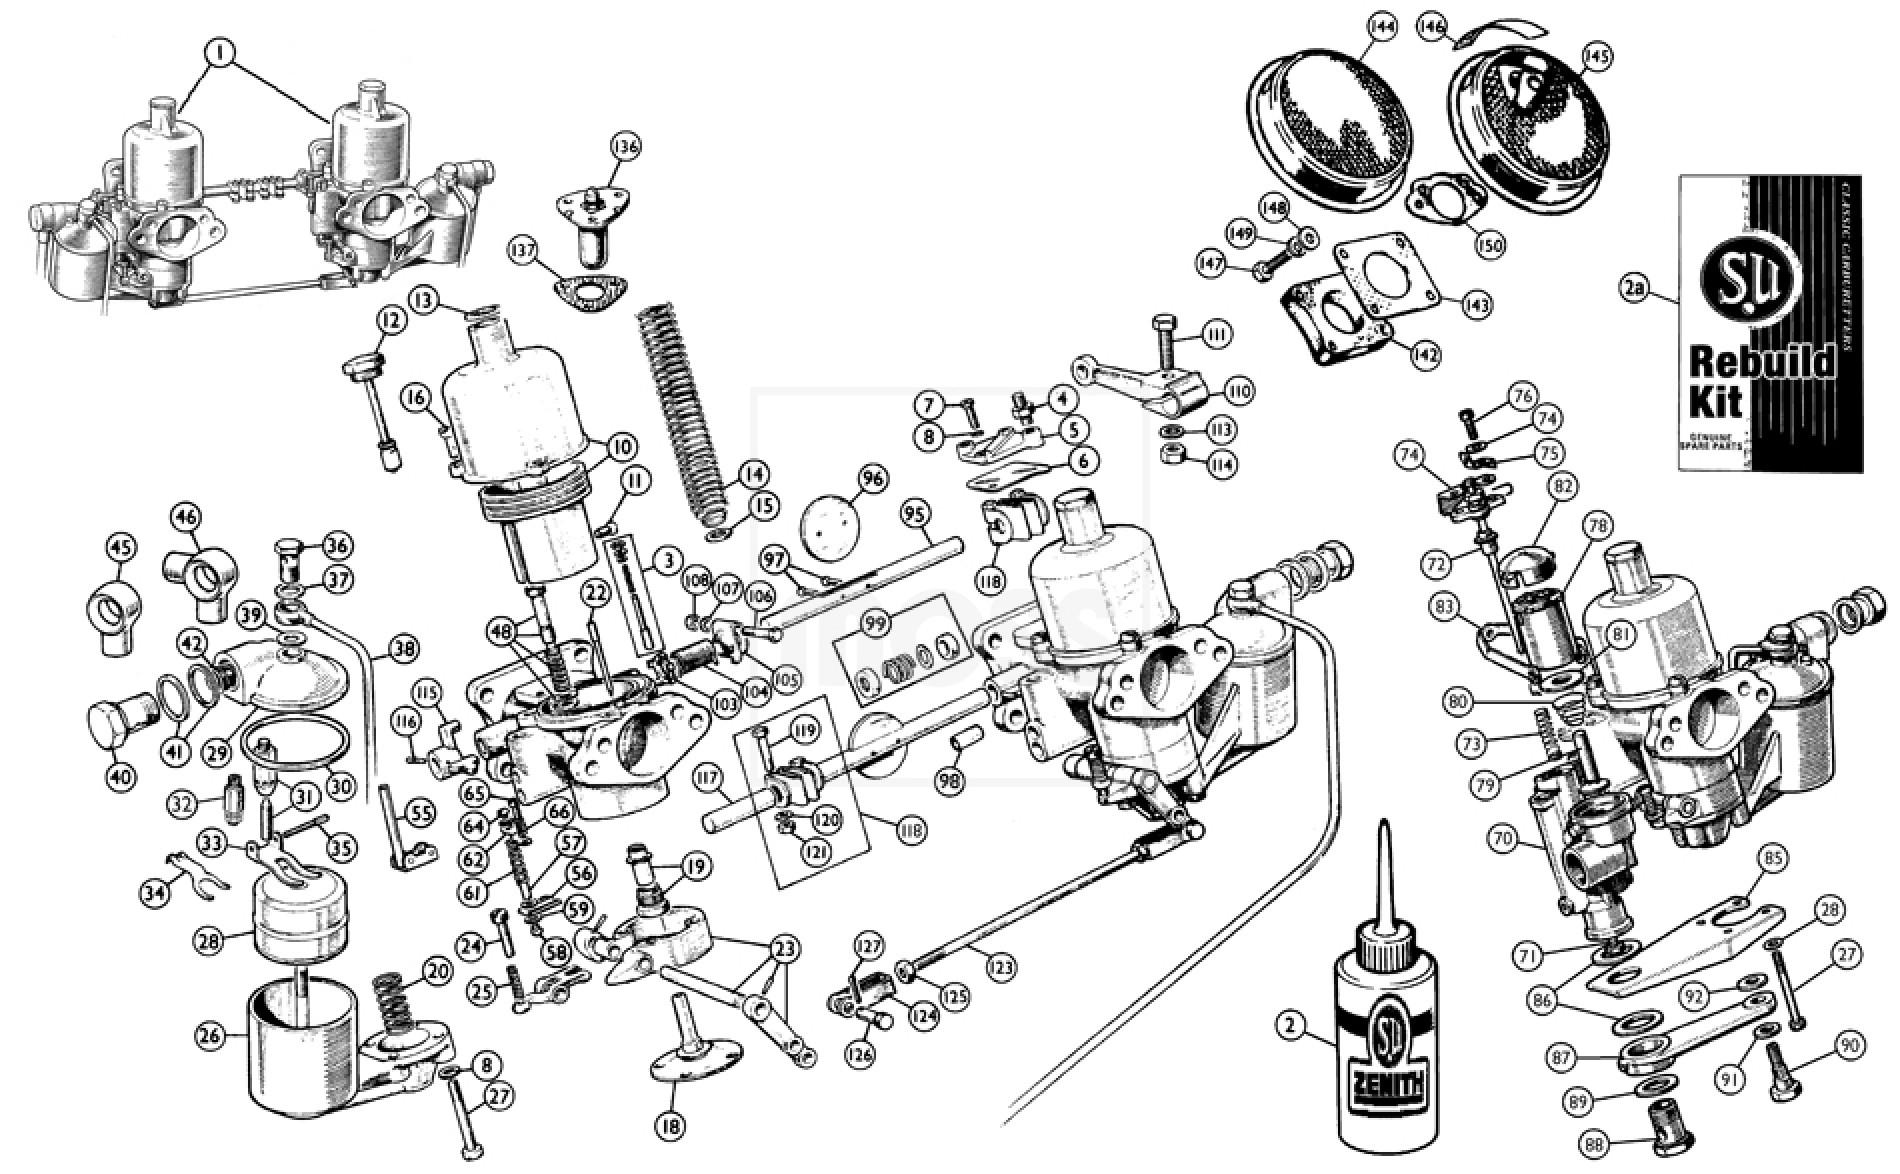 Twin Hd6 Carburettors Amp Air Filters